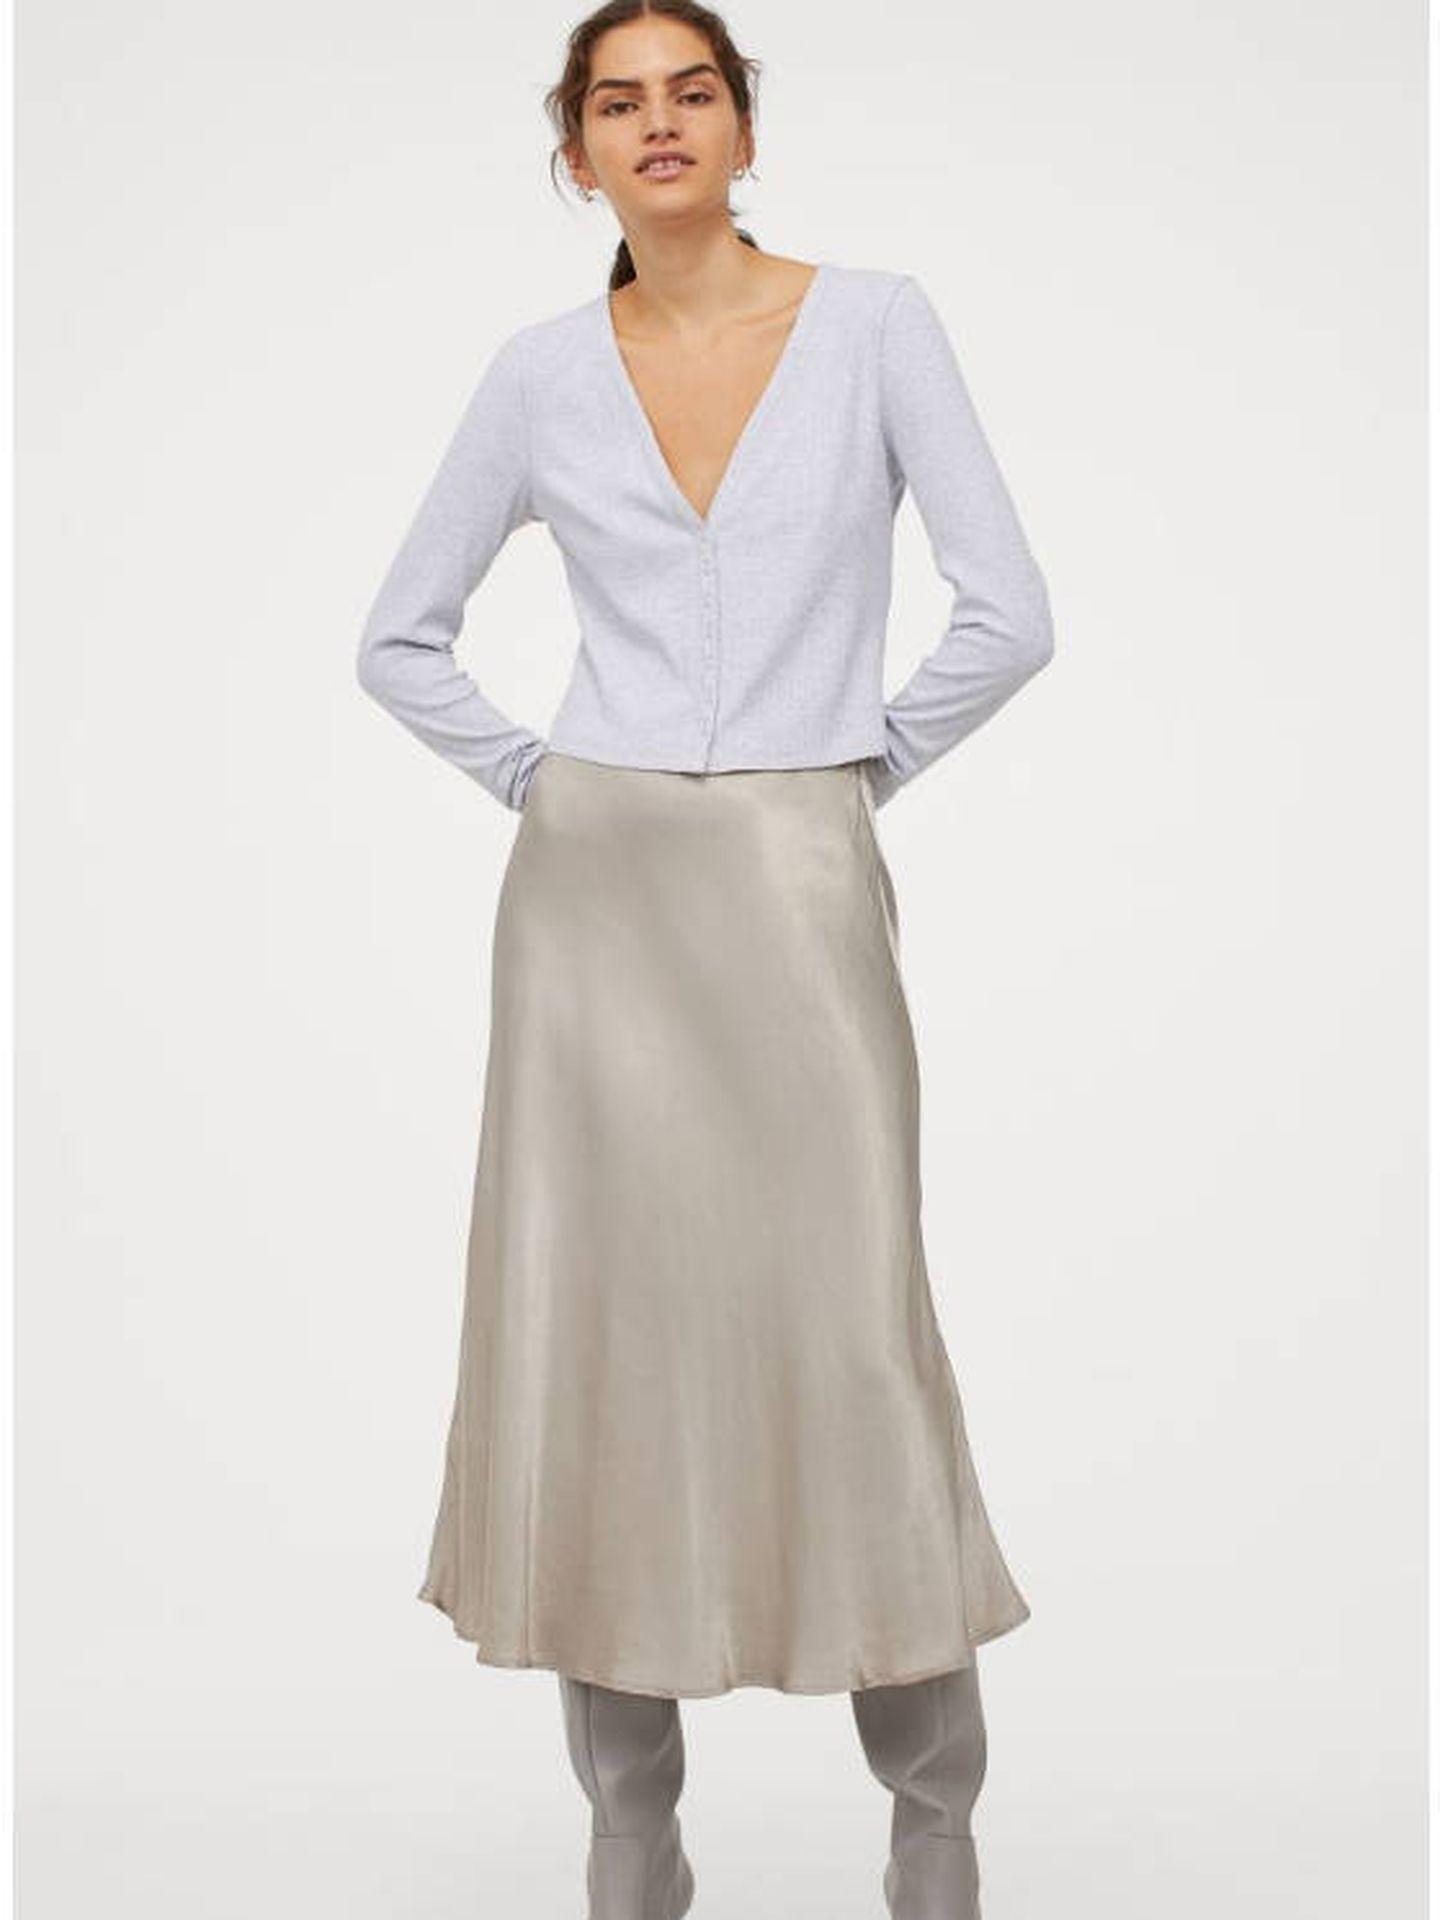 Falda de HyM. (Cortesía)